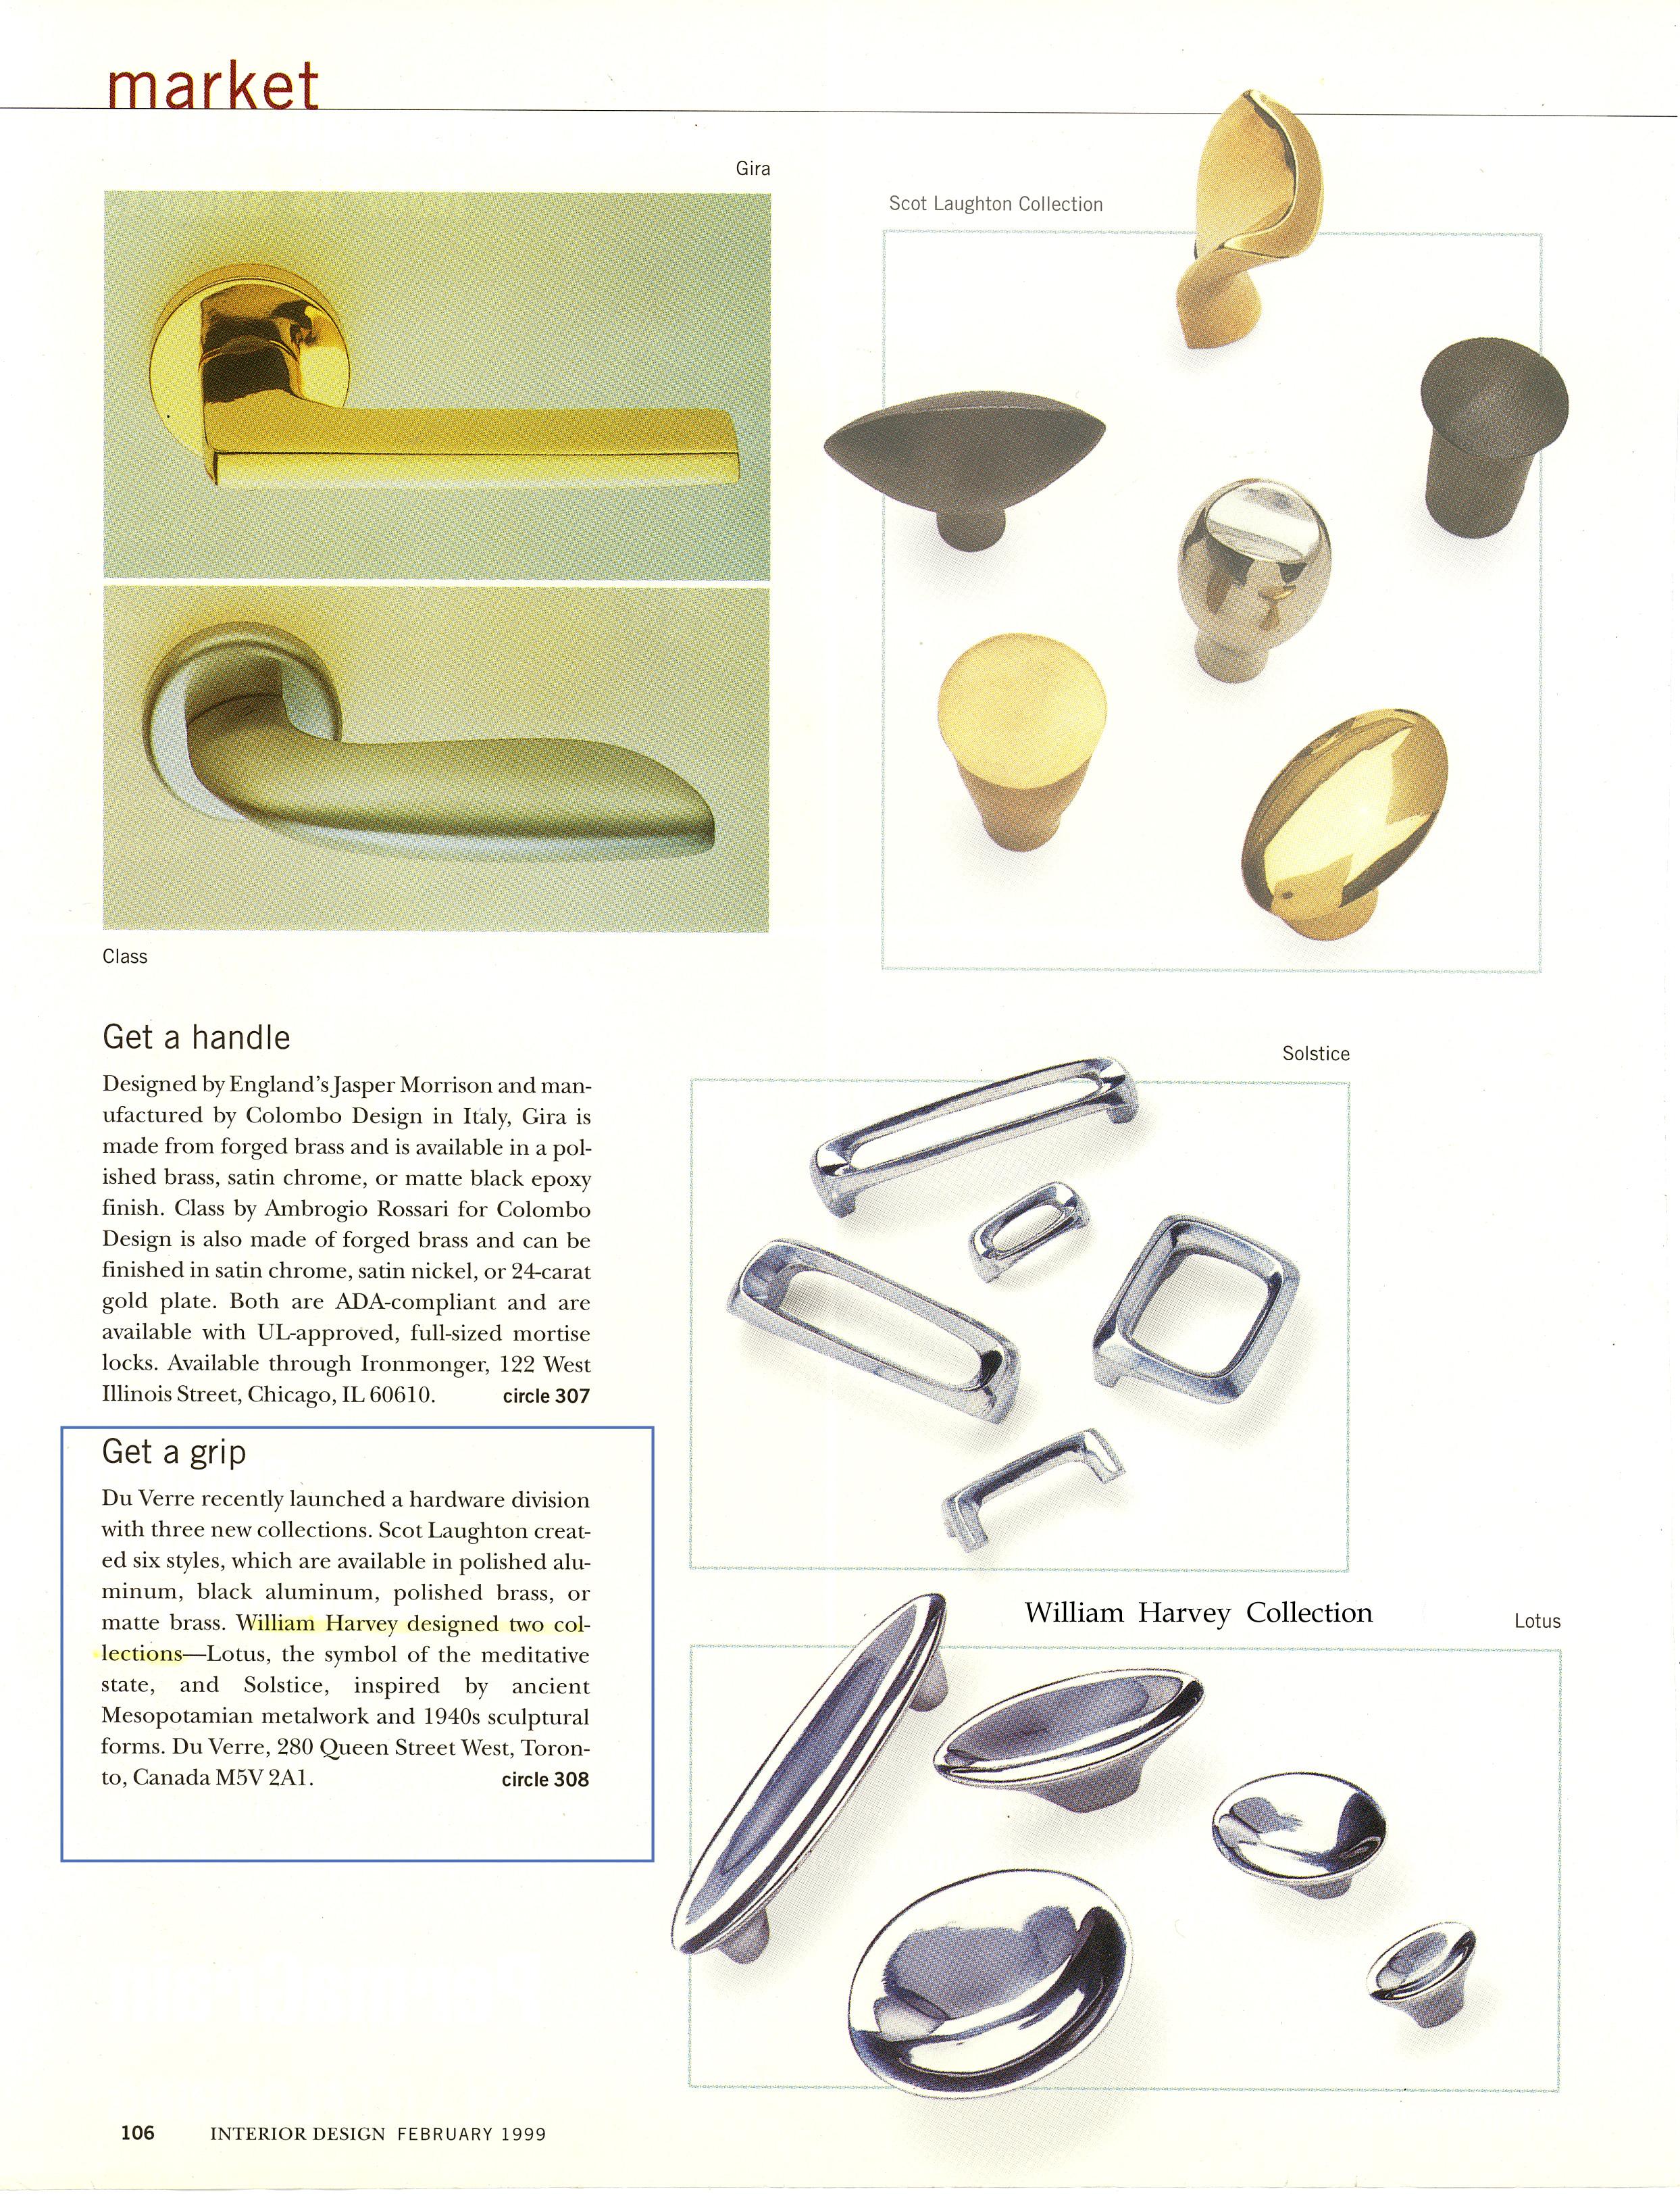 Interior design hardware -